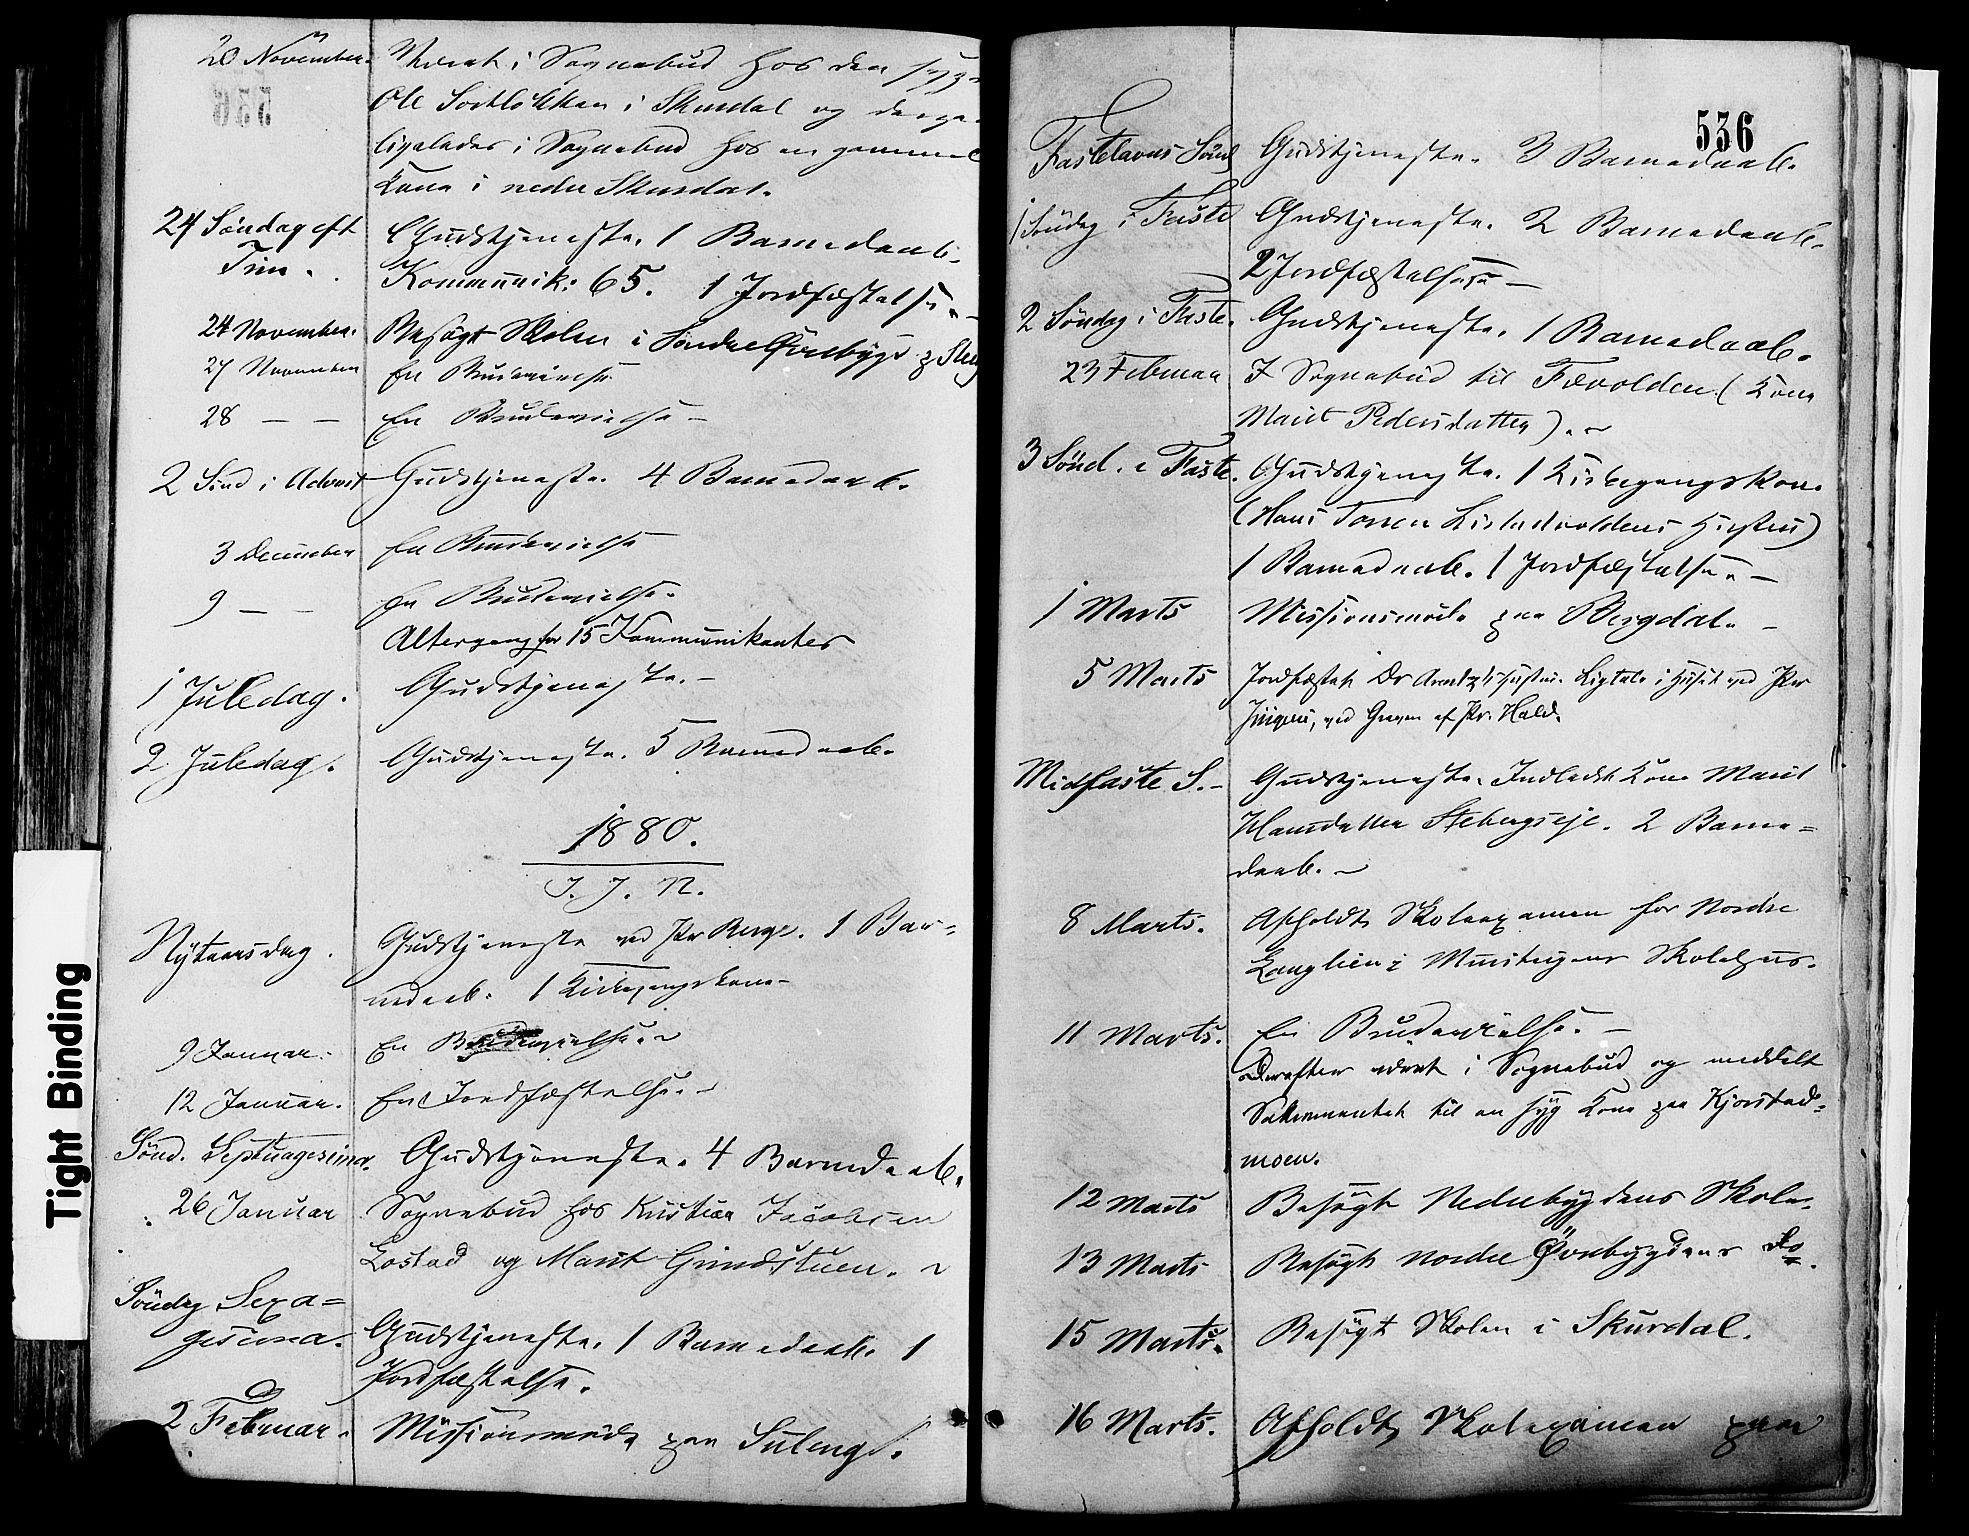 SAH, Sør-Fron prestekontor, H/Ha/Haa/L0002: Ministerialbok nr. 2, 1864-1880, s. 536